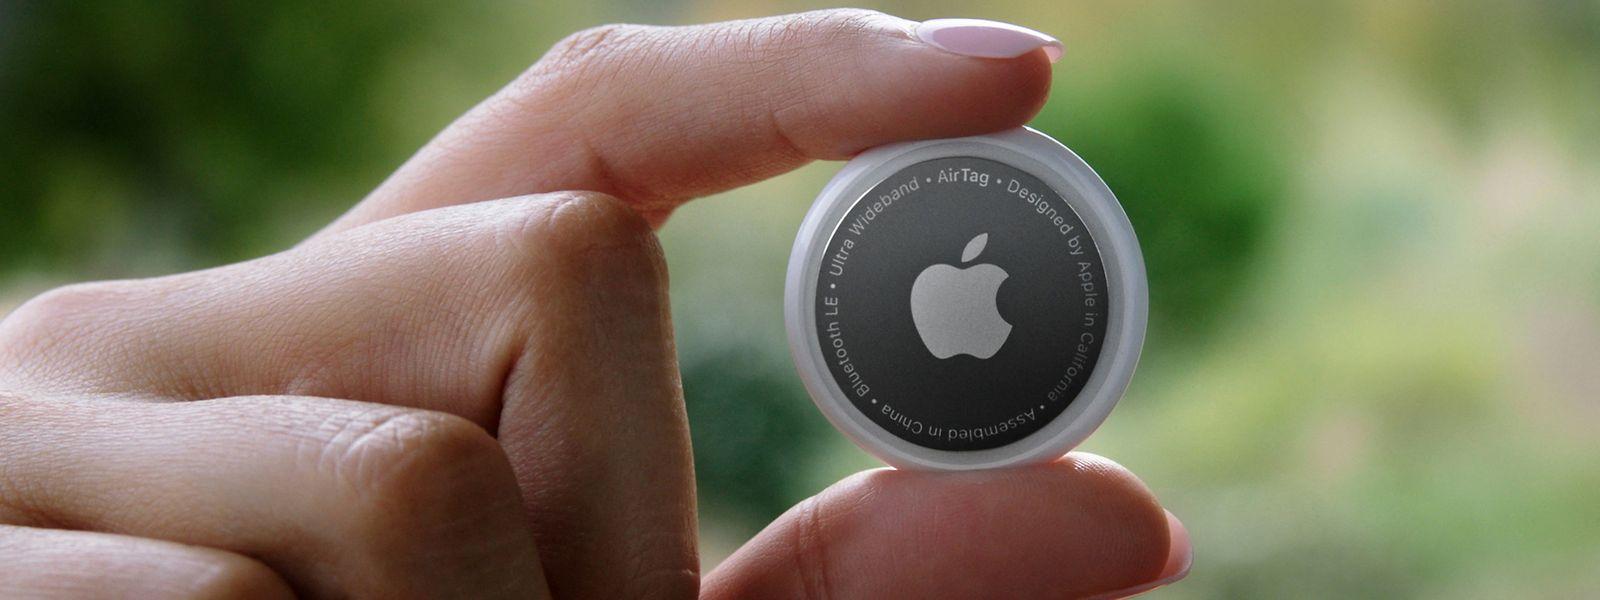 Apple stellte bei dem Event die AirTags vor - kleine Plättchen, die man an Gegenständen wie Schlüsseln anbringen kann, um diese schnell wiederzufinden.